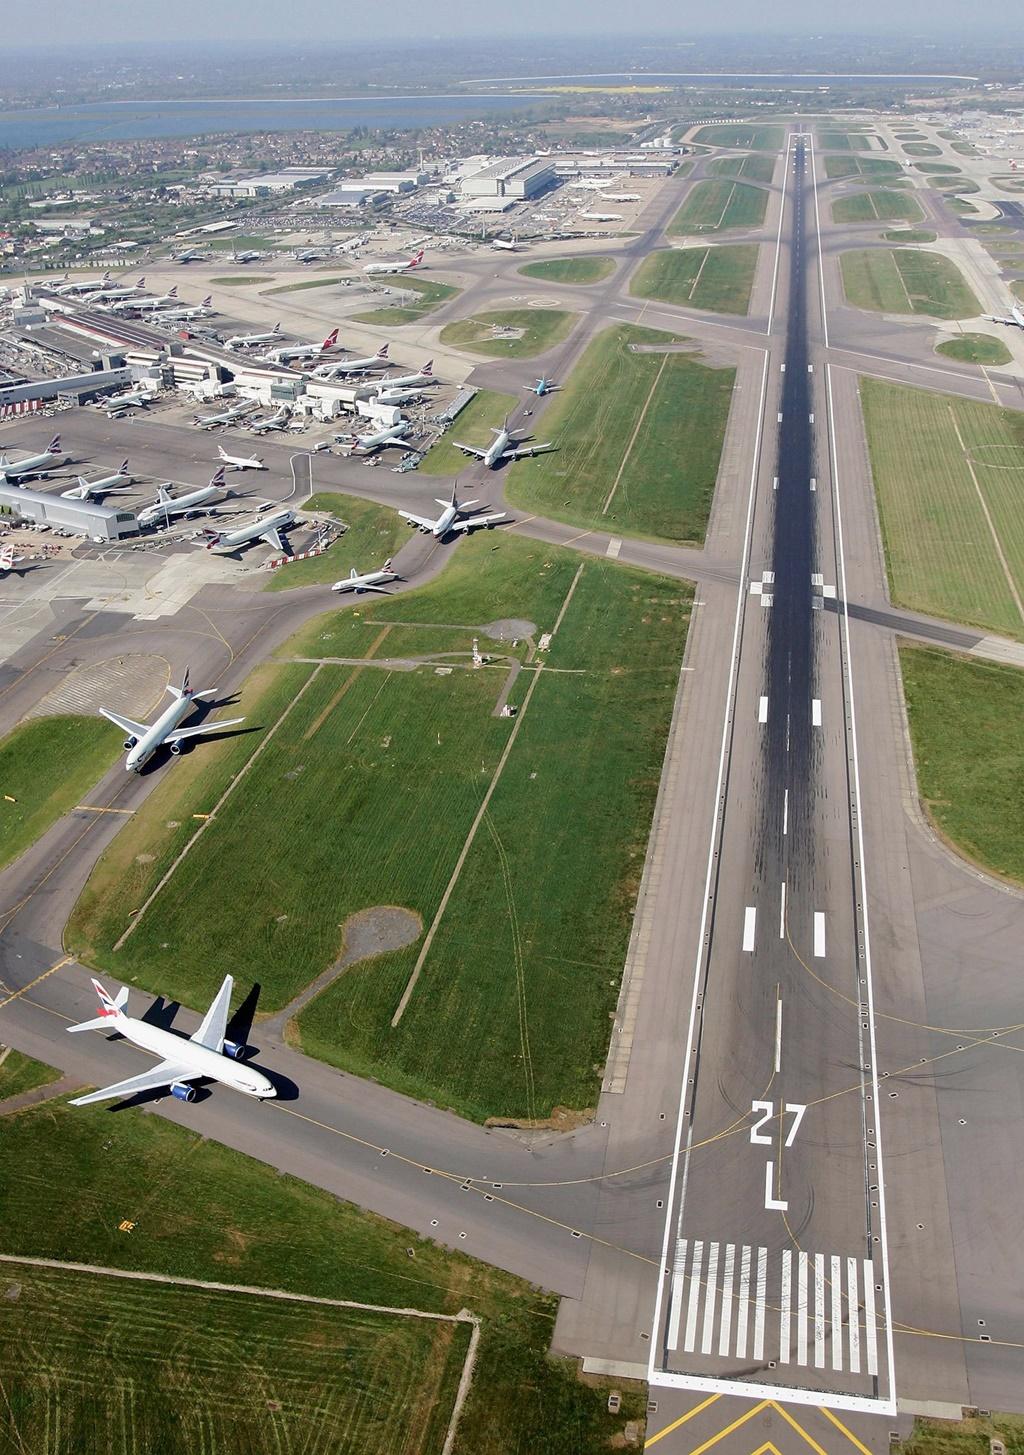 A londoni Heathrow Airport kifutópályáján lévő nagy 27-es szám 270 fokot jelez balra a pilóták irányának